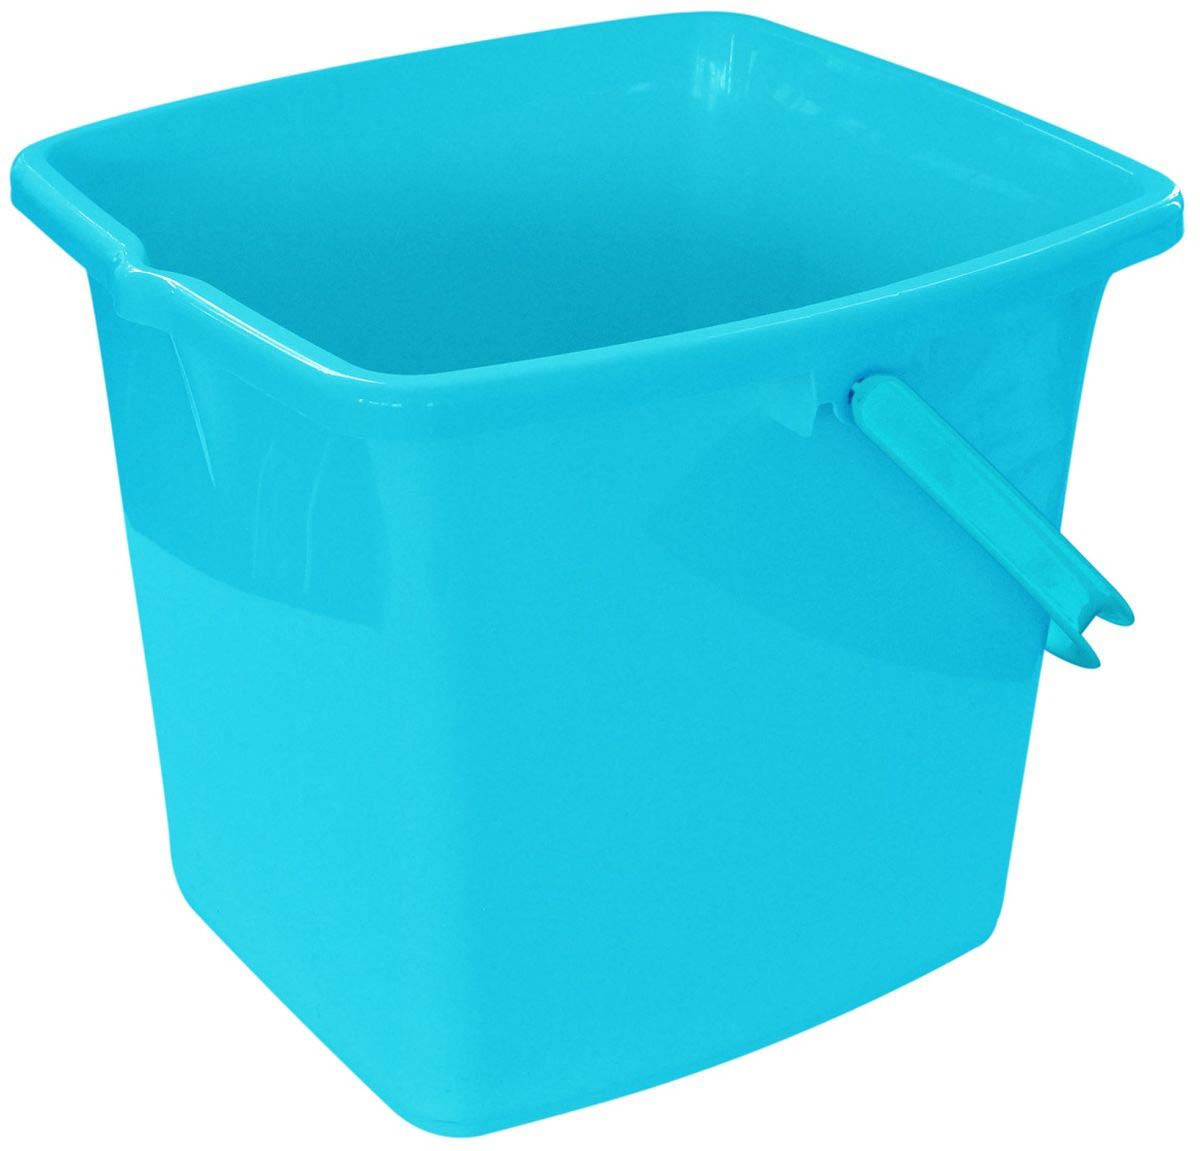 Ведро Plast Team, прямоугольное, цвет: бирюзовый, 16 л механизм сливной alca plast a08